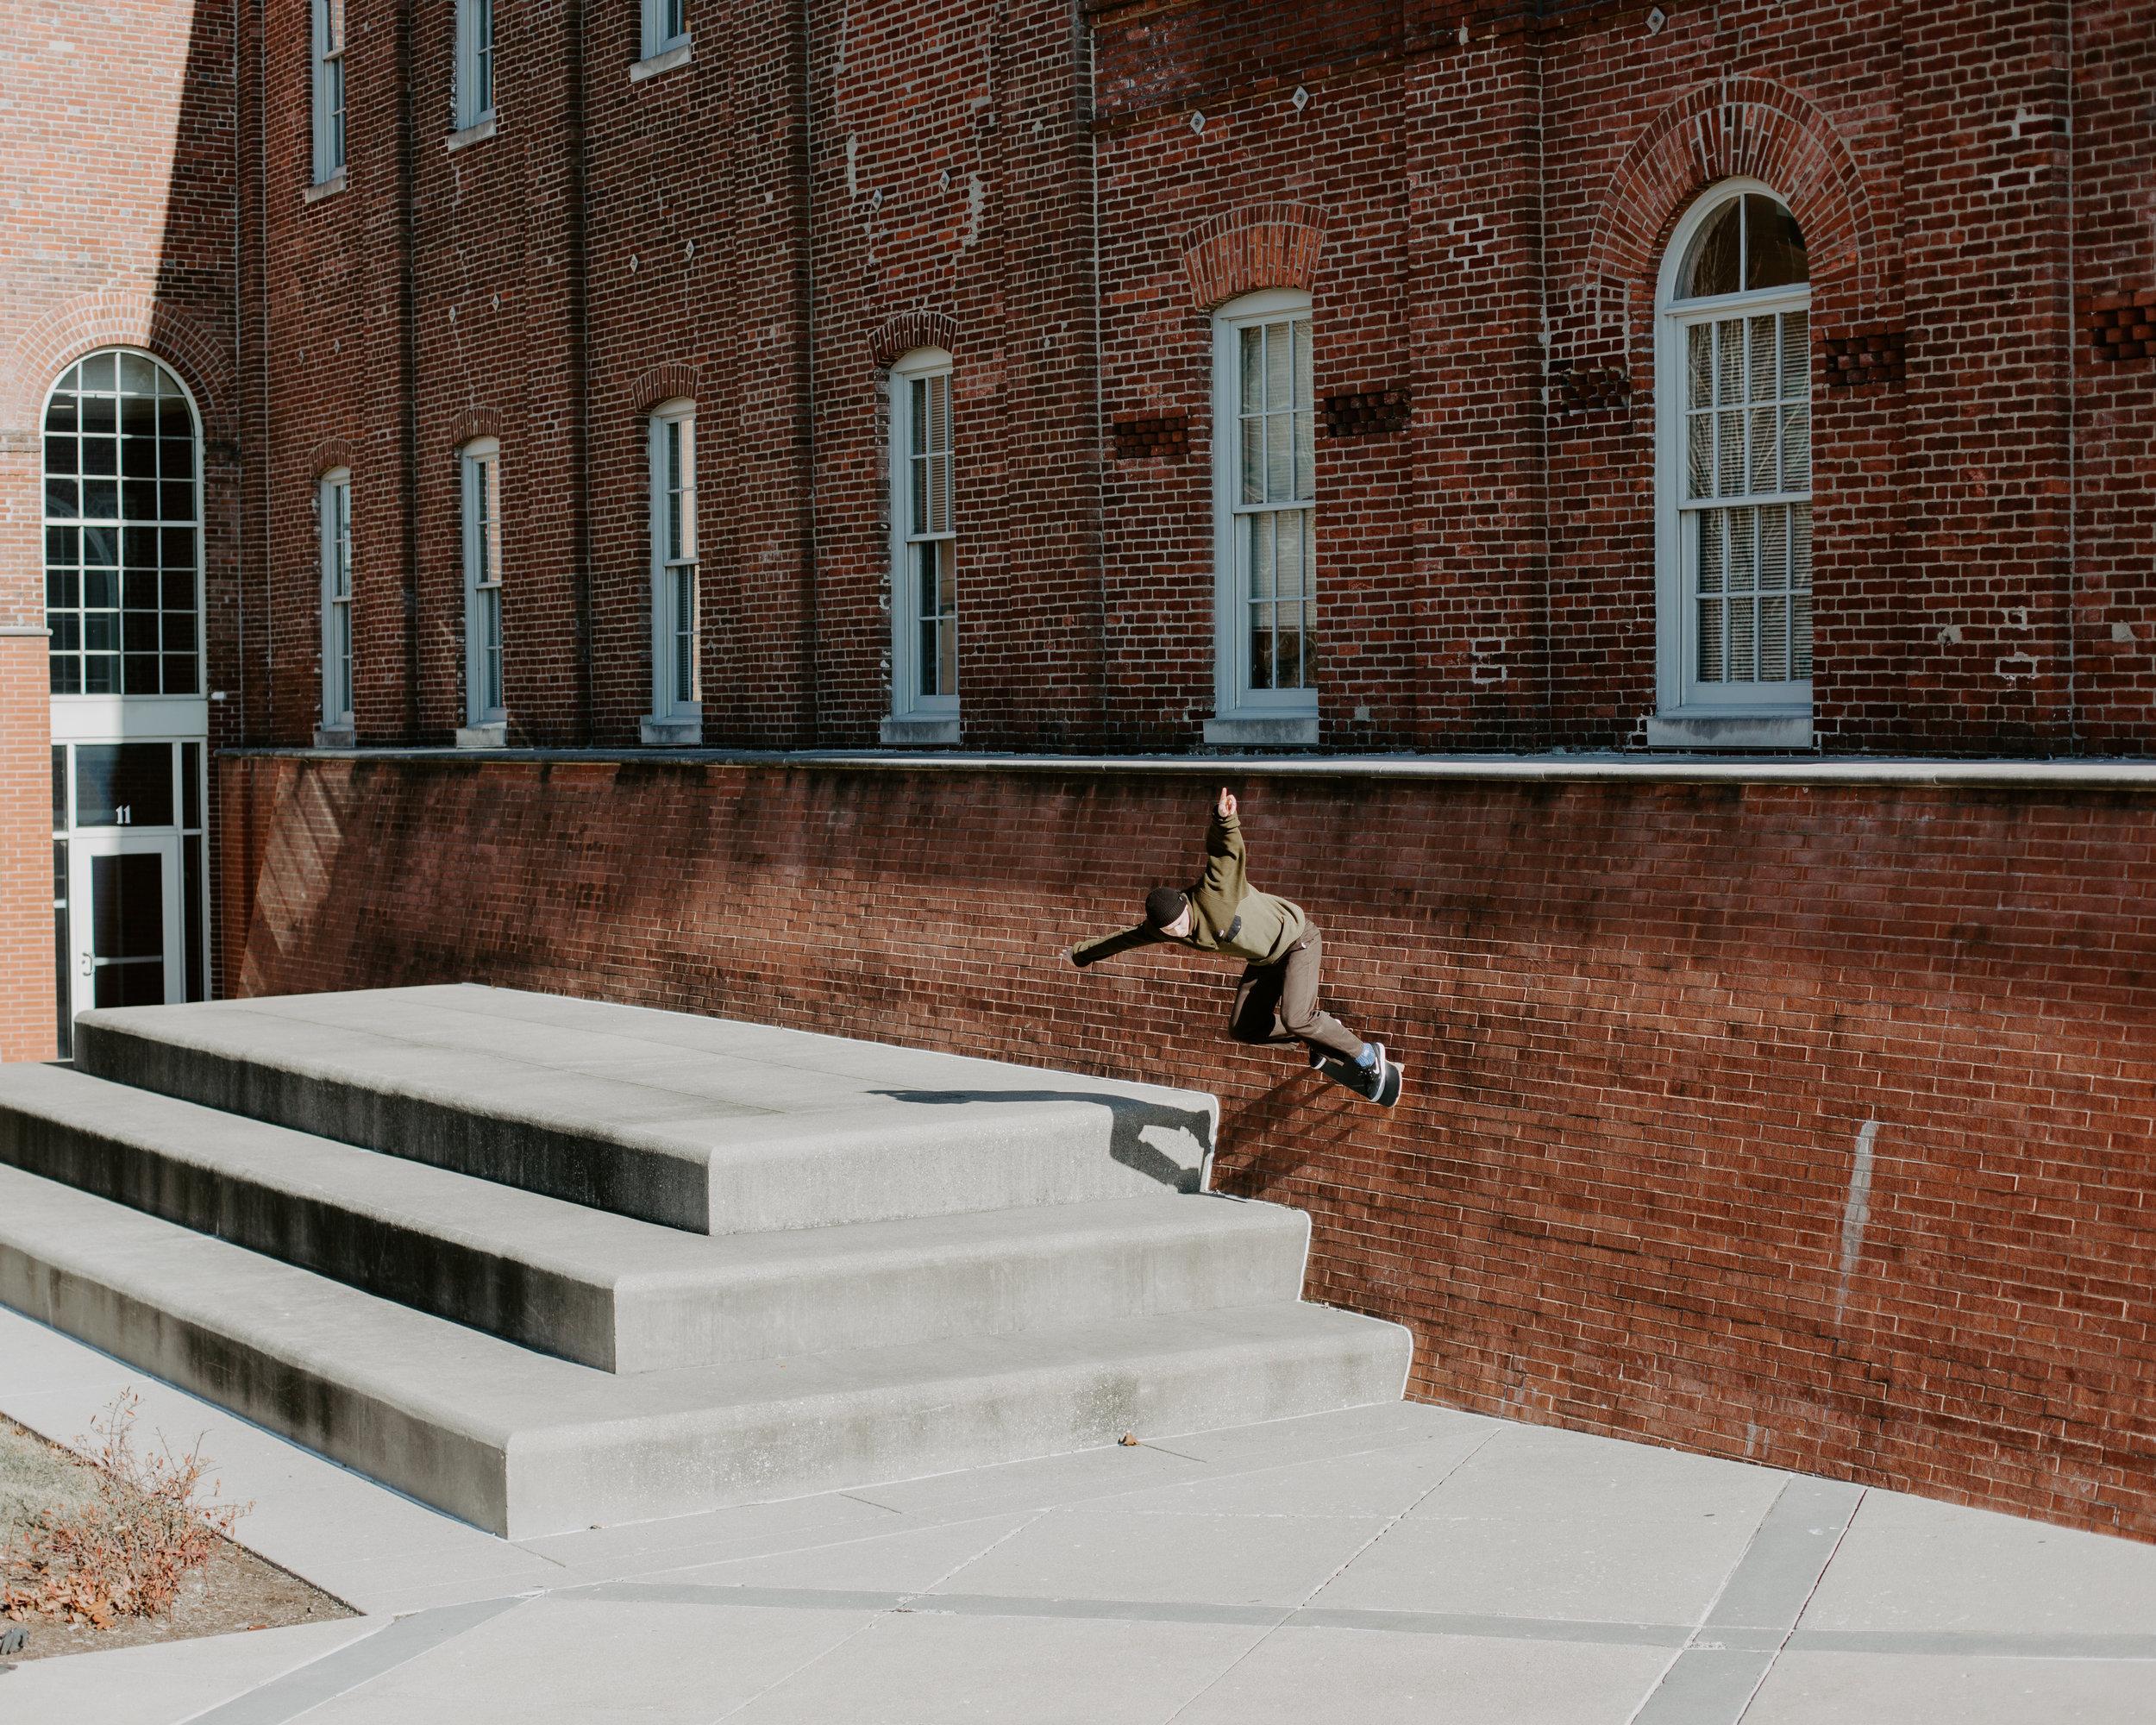 Ben Narloch, backside wallride. Indianapolis, IN.